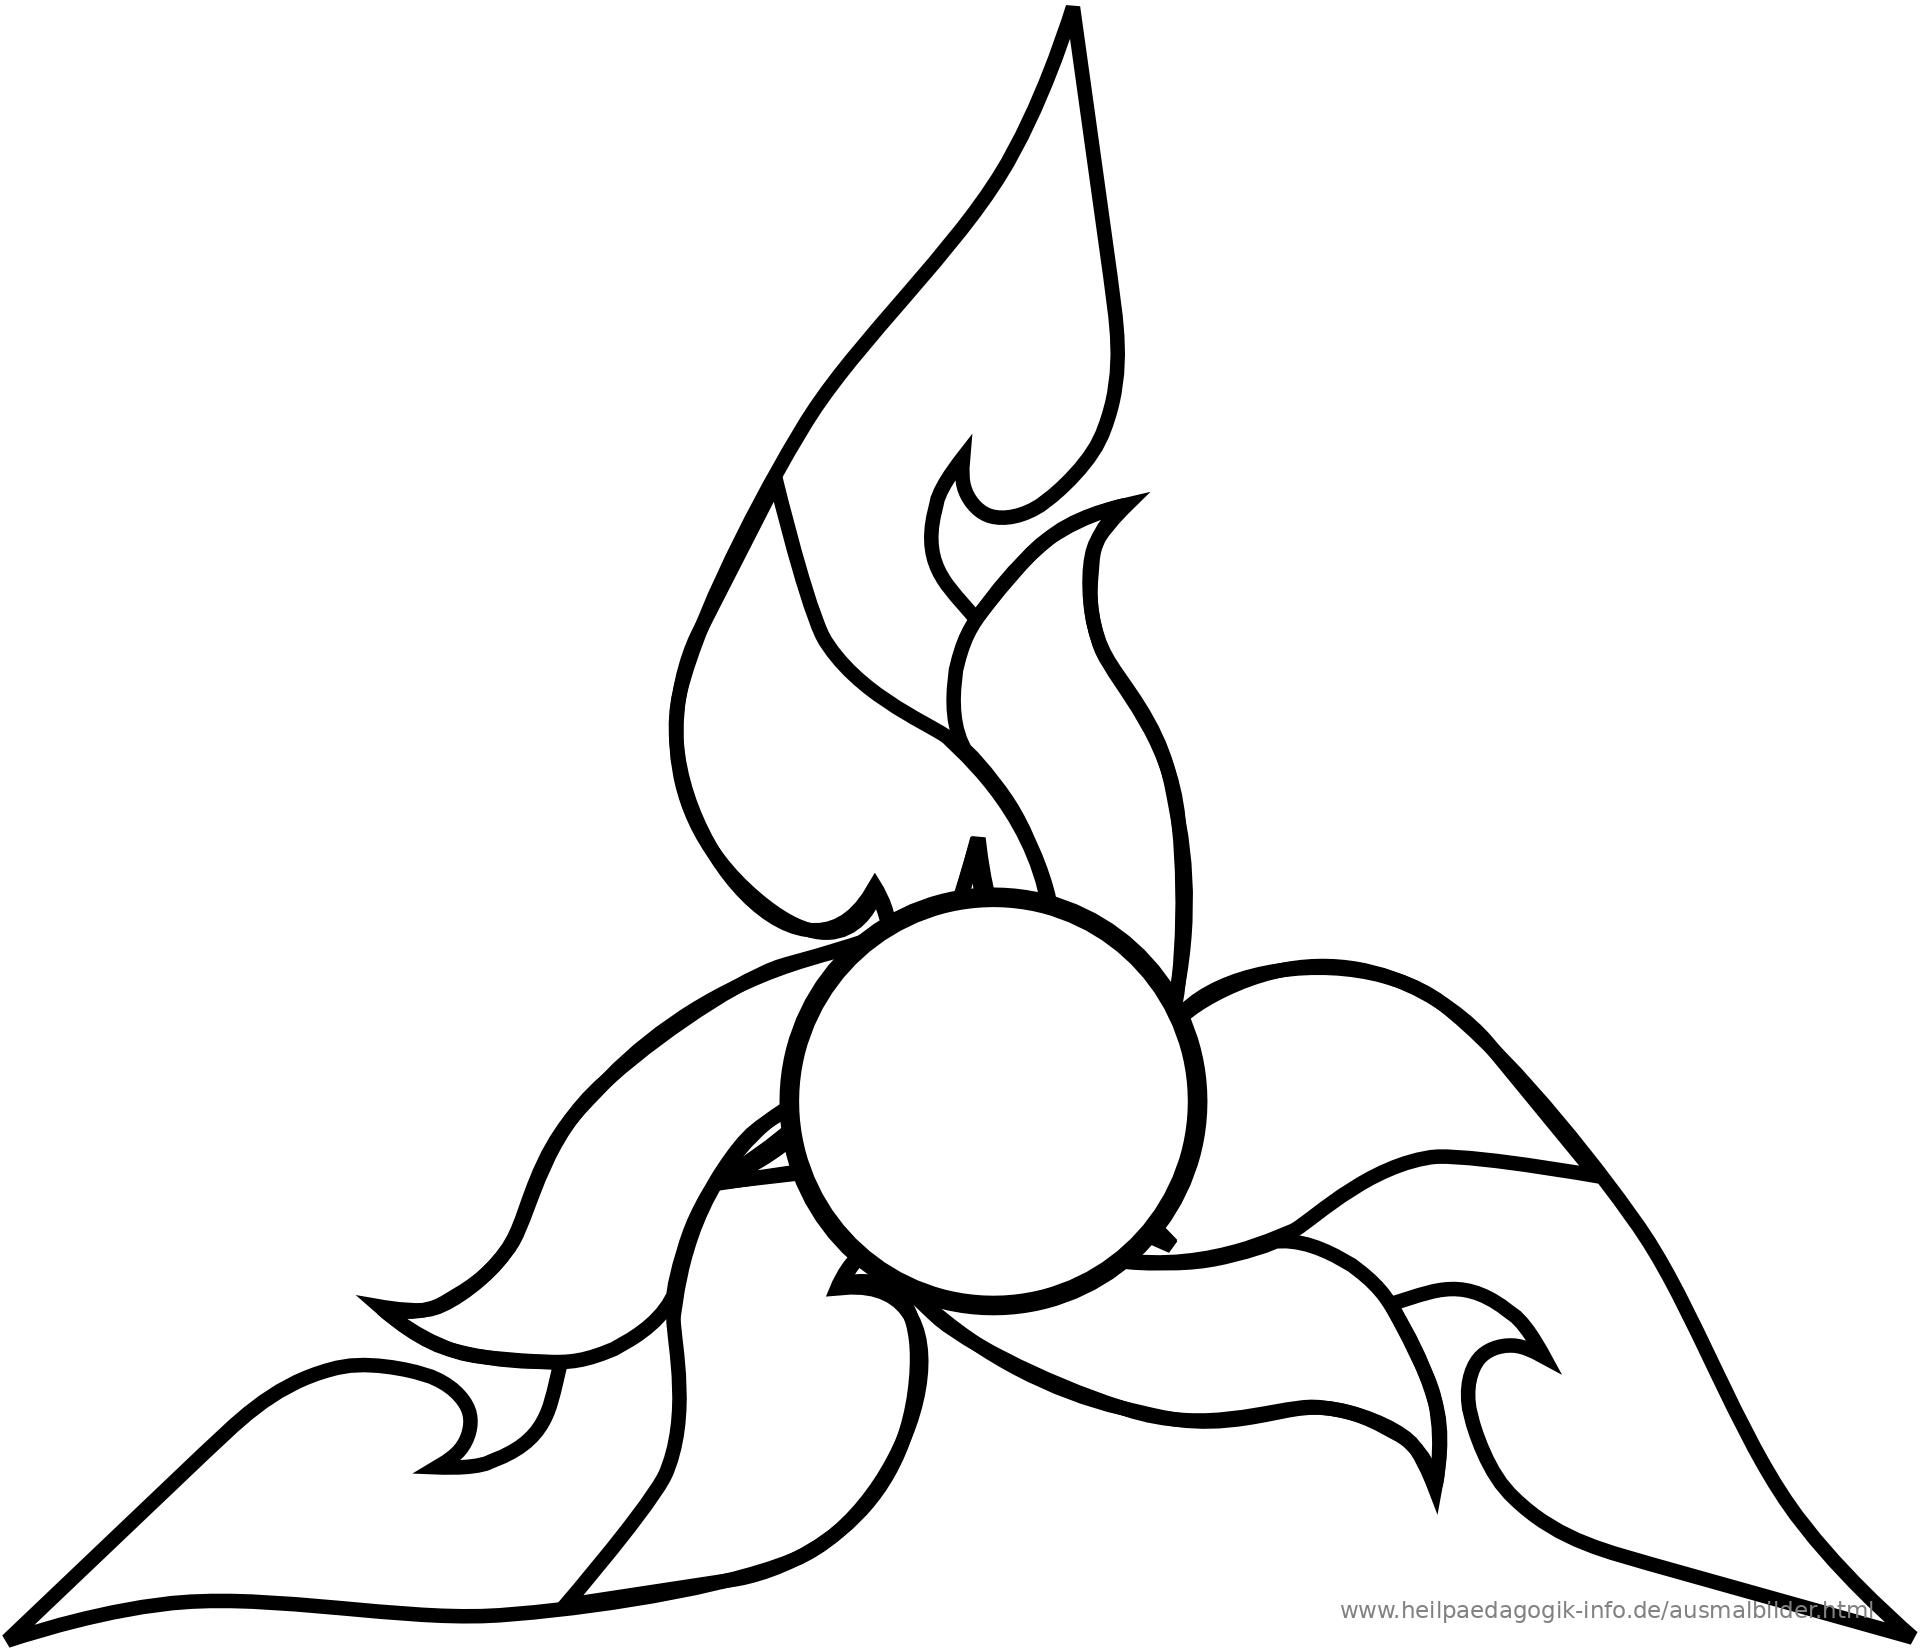 malvorlagen ostern pdf reader - malbild